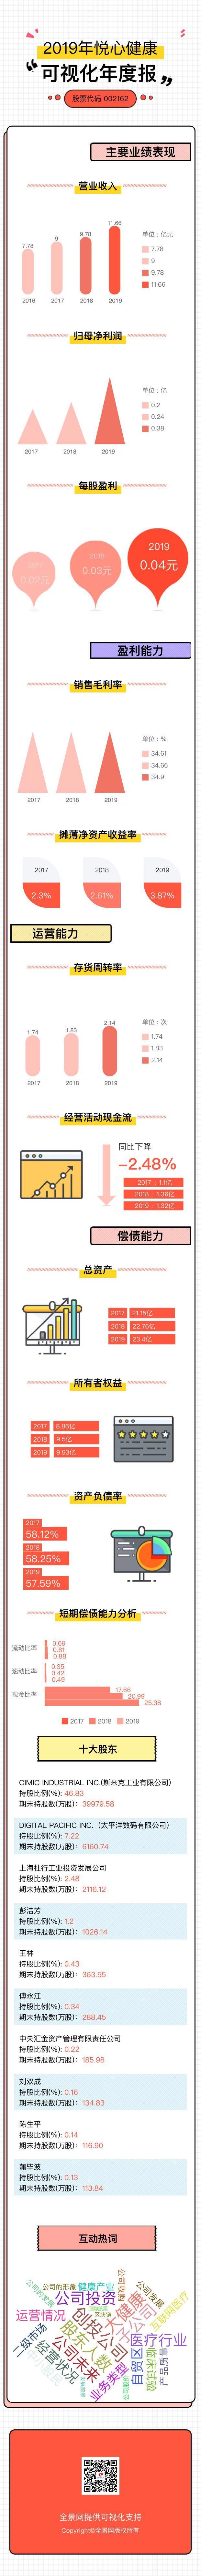 农村做什么赚钱:[年报]悦心健康2019年净利润增长55.55% 医疗养老营收翻番